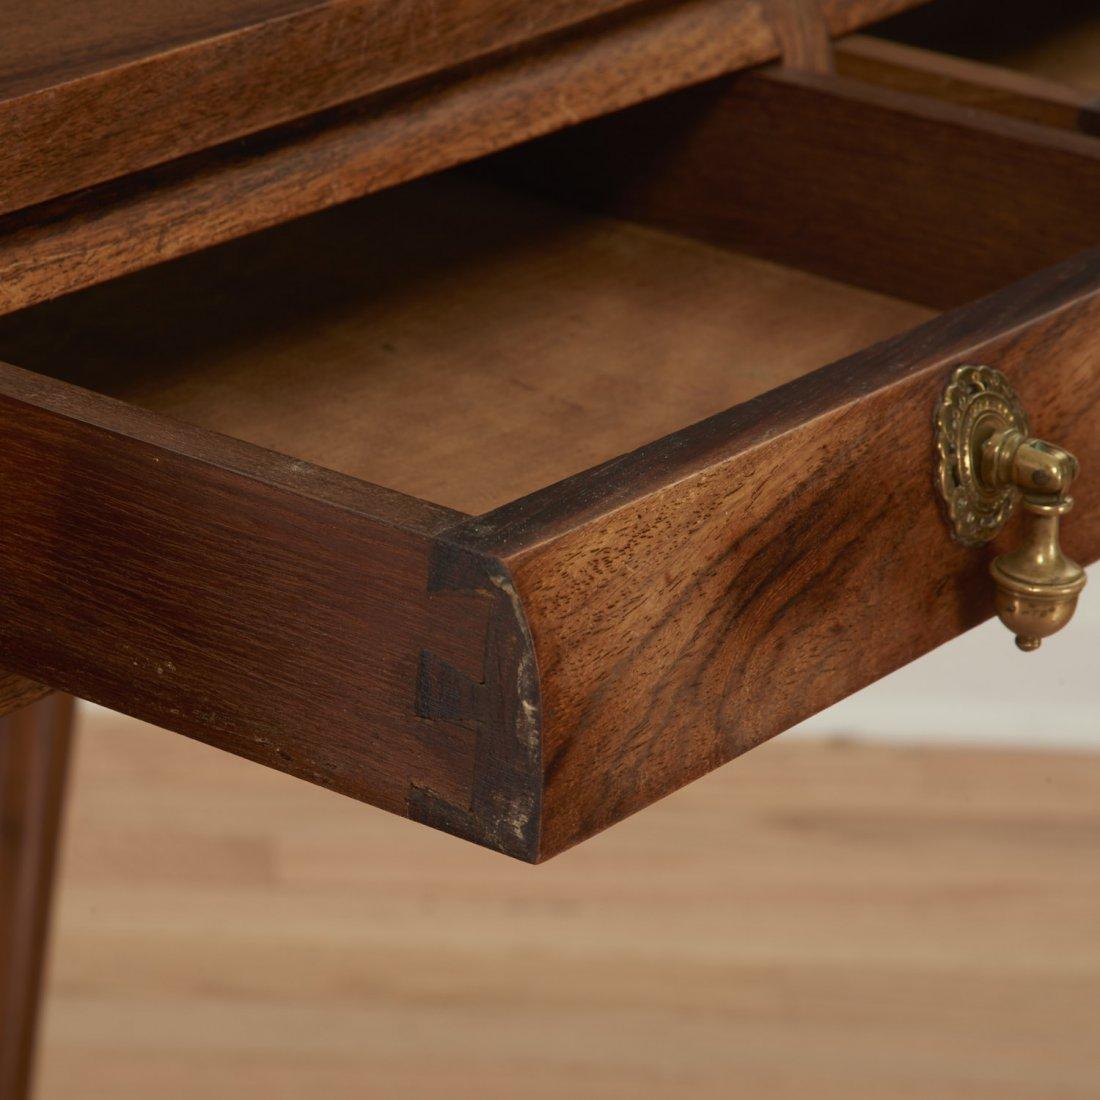 Unusual Chinese Export hardwood tea table - 3